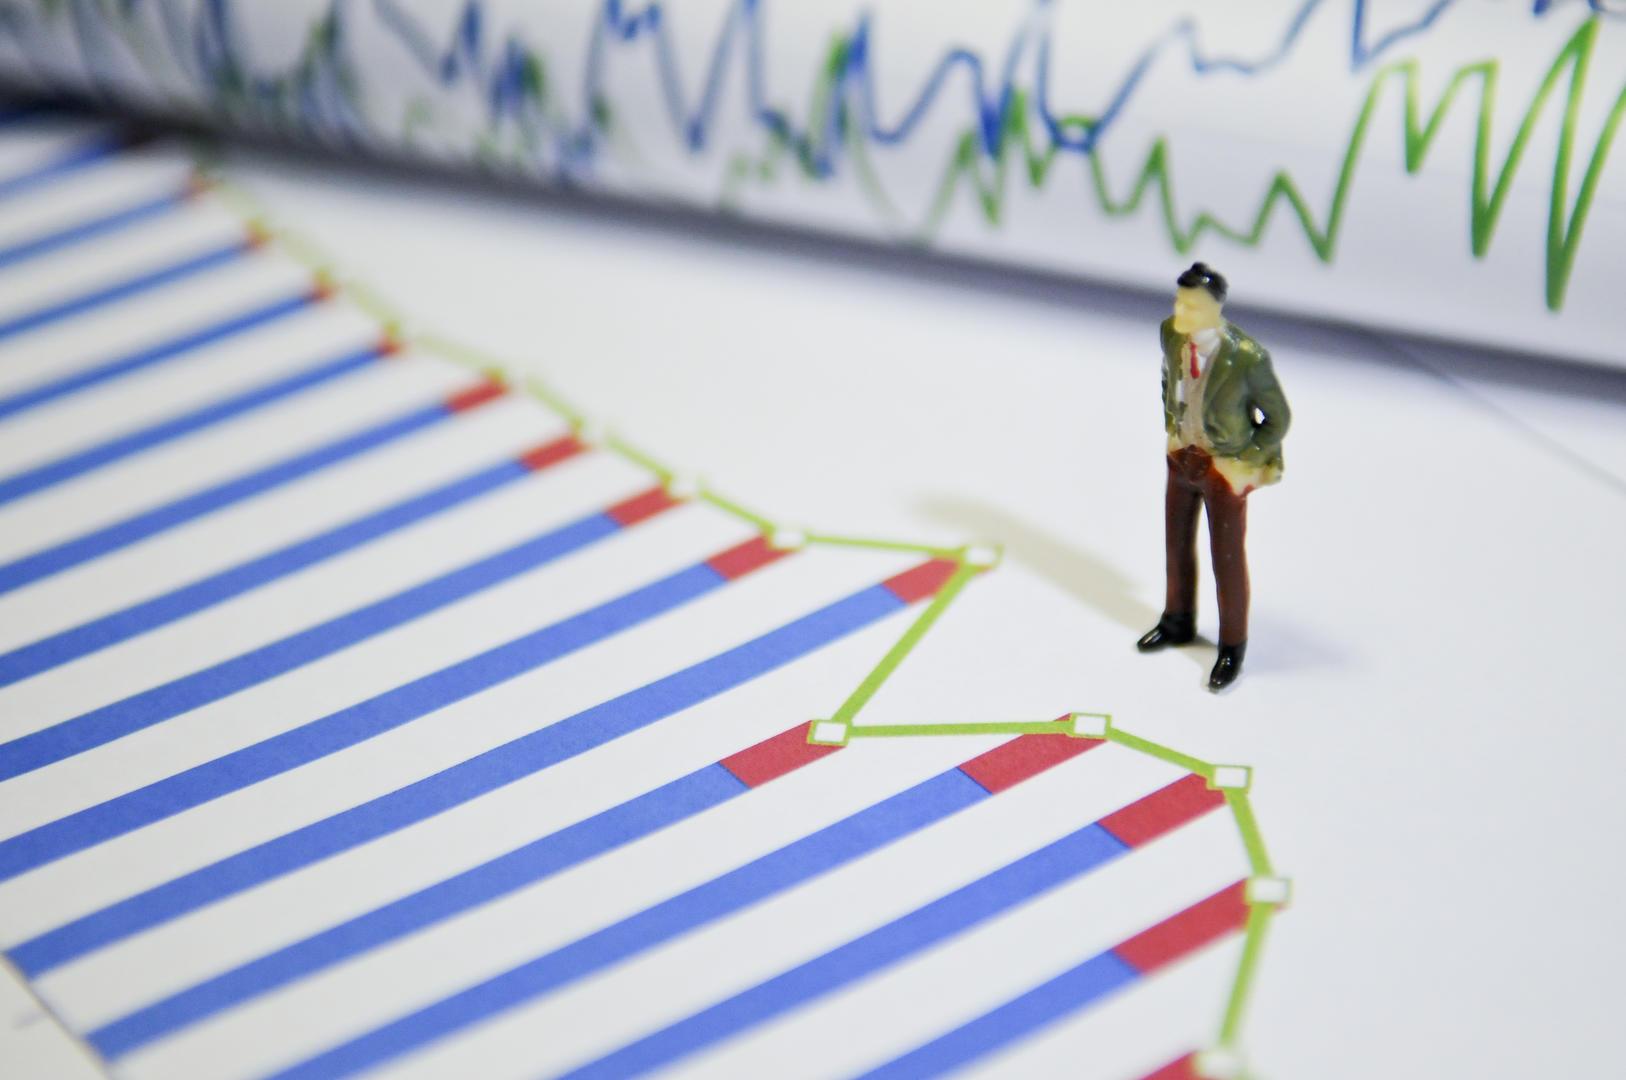 退市股百元股同时增多 这种A股市场新生态说明了什么?